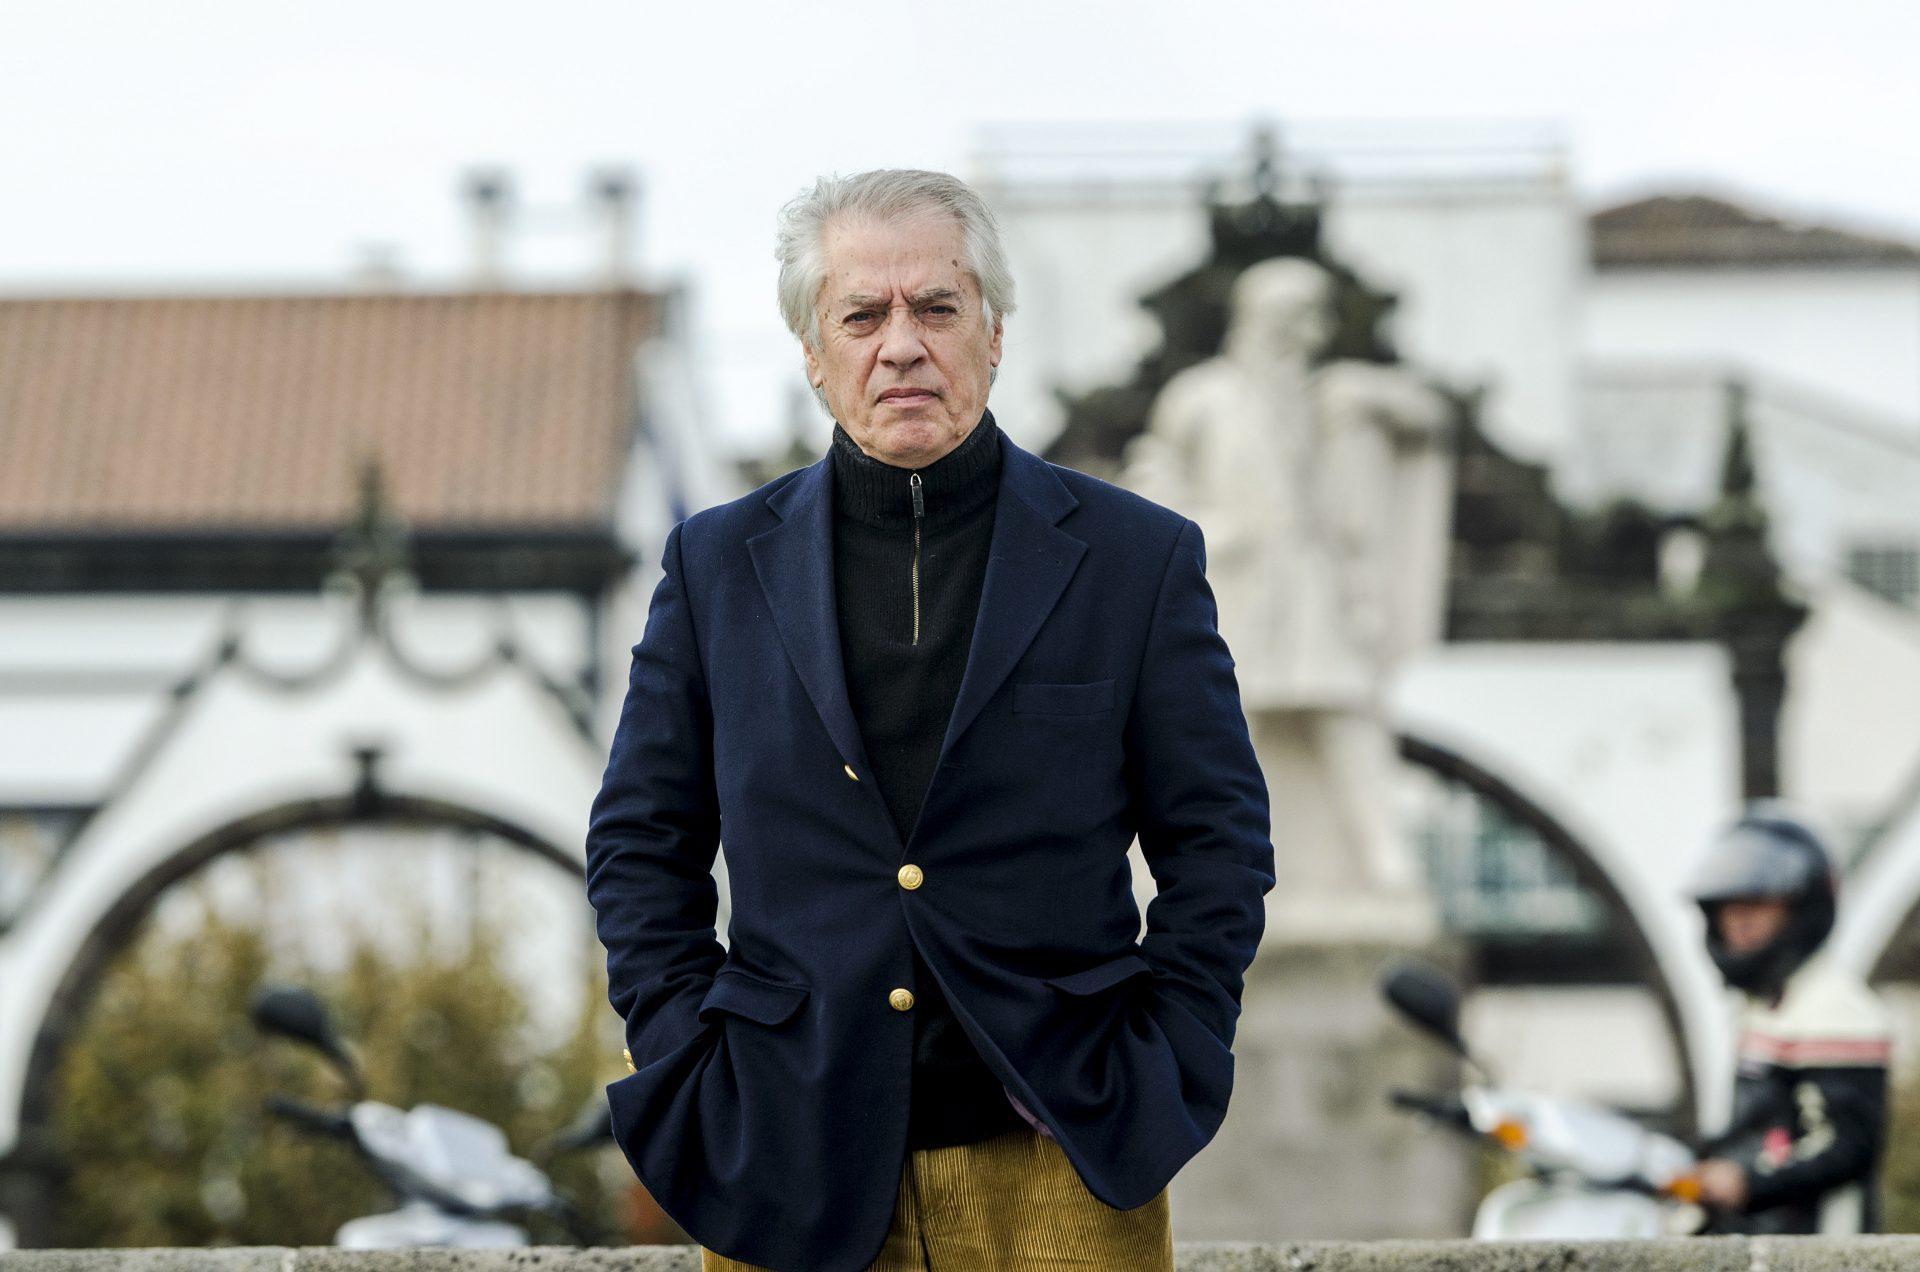 O Escritor João de Melo, Ponta Delgada, 24 de janeiro de 2014. EDUARDO COSTA/LUSA